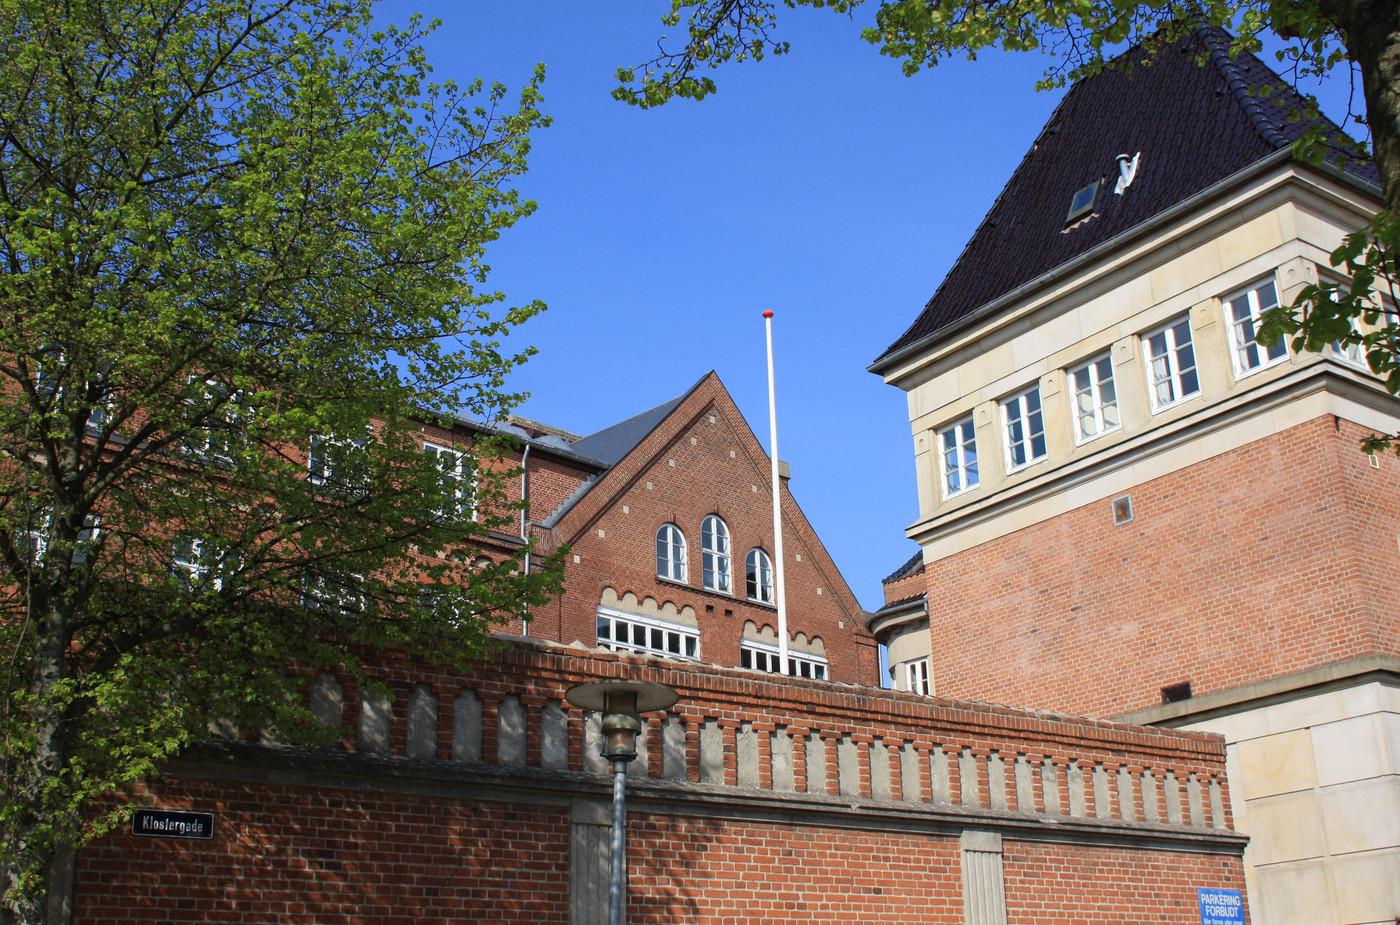 Åbningstider i Åbent Studiecenter